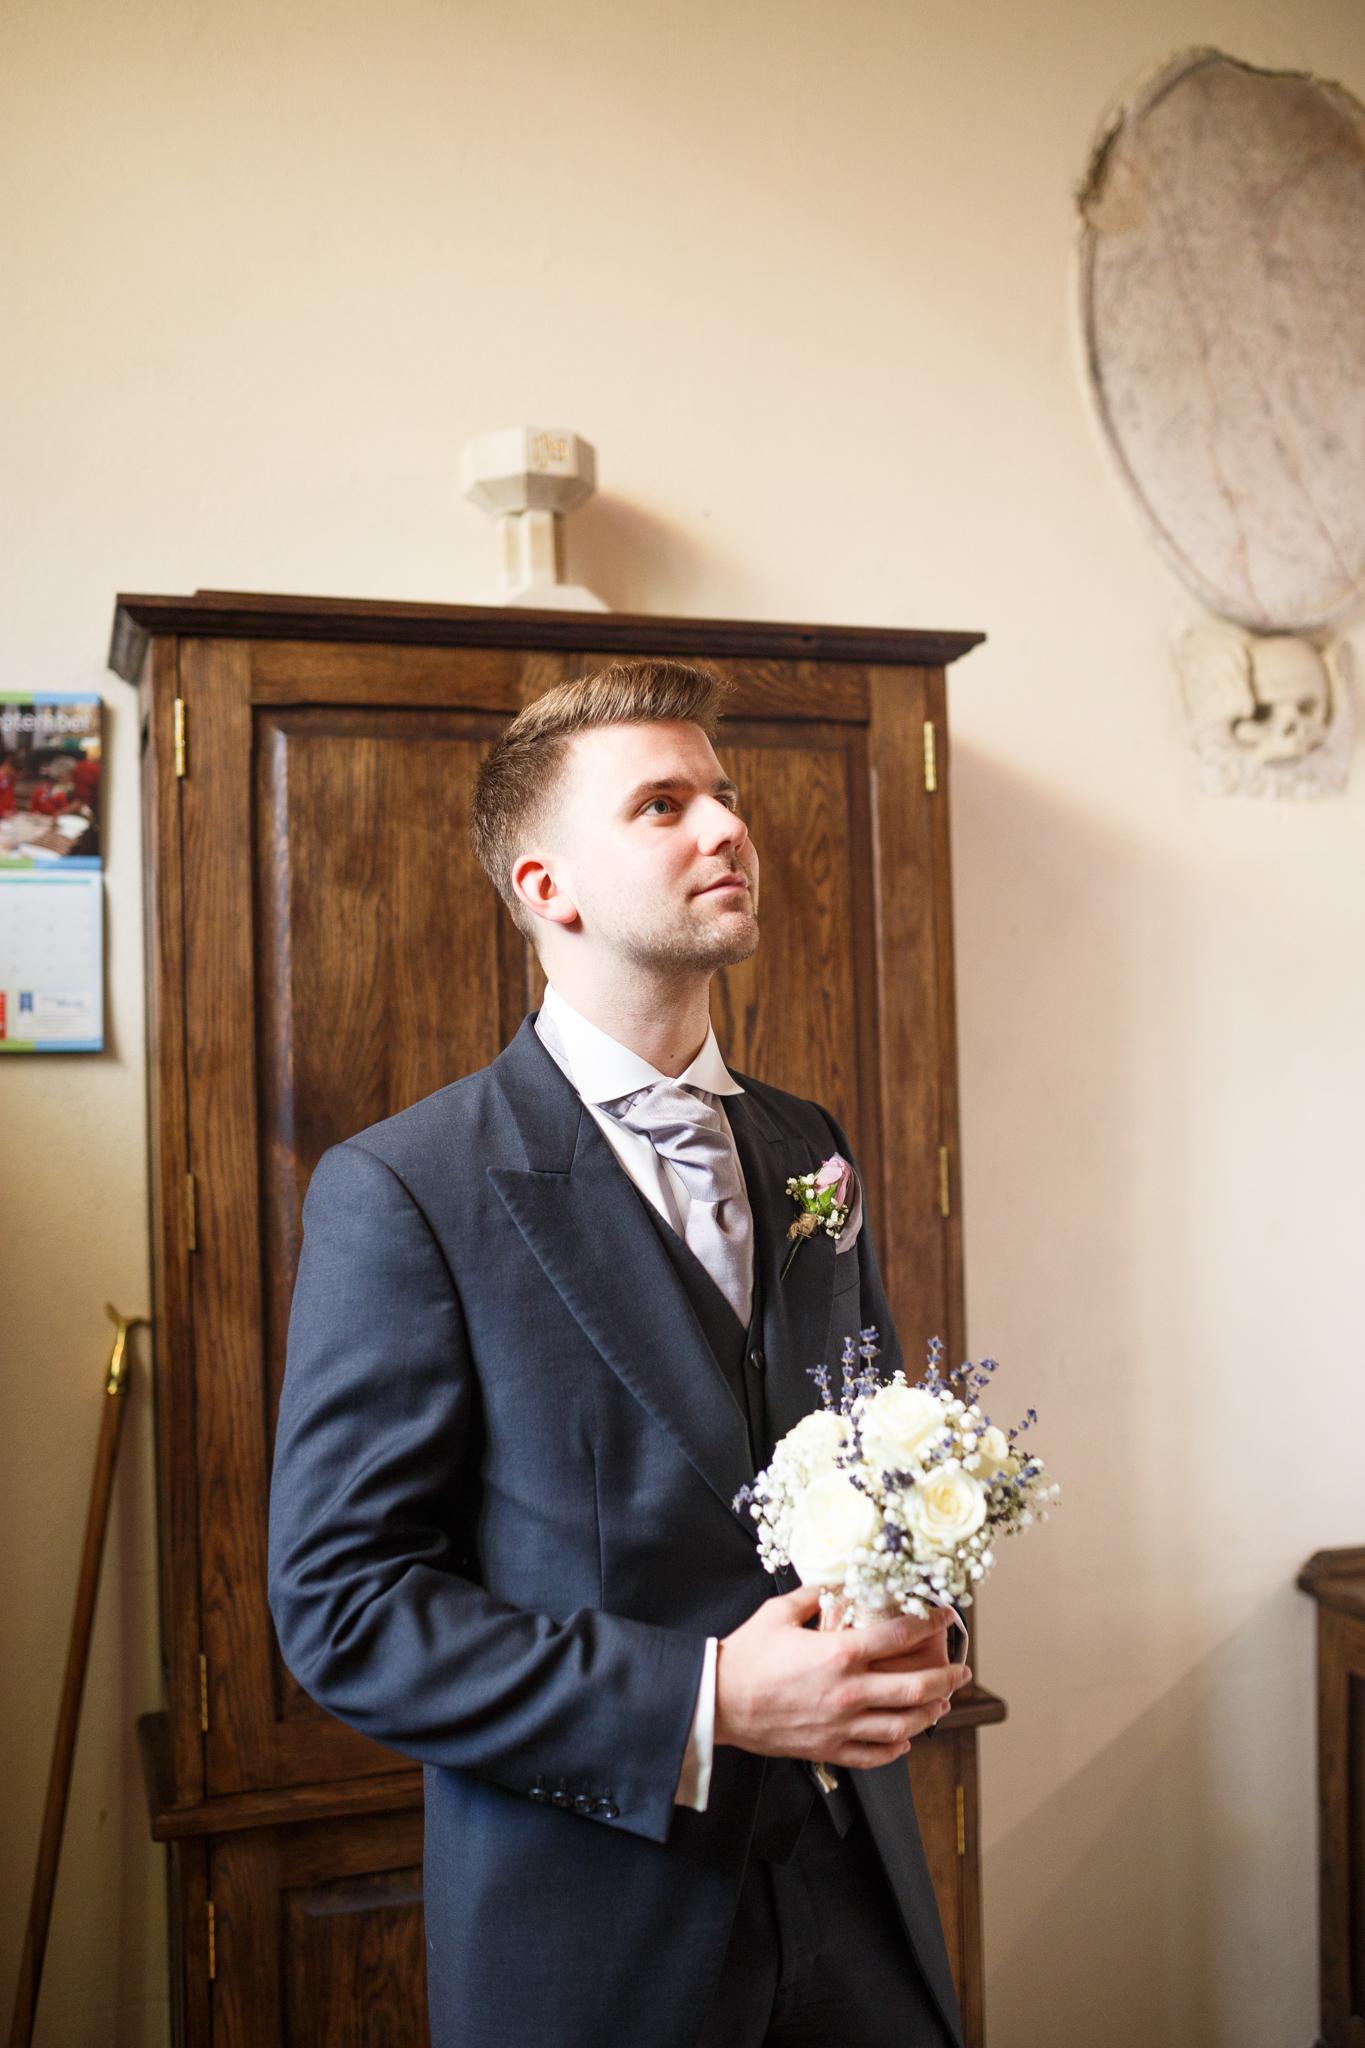 Simon_Rawling_Wedding_Photography-355.jpg